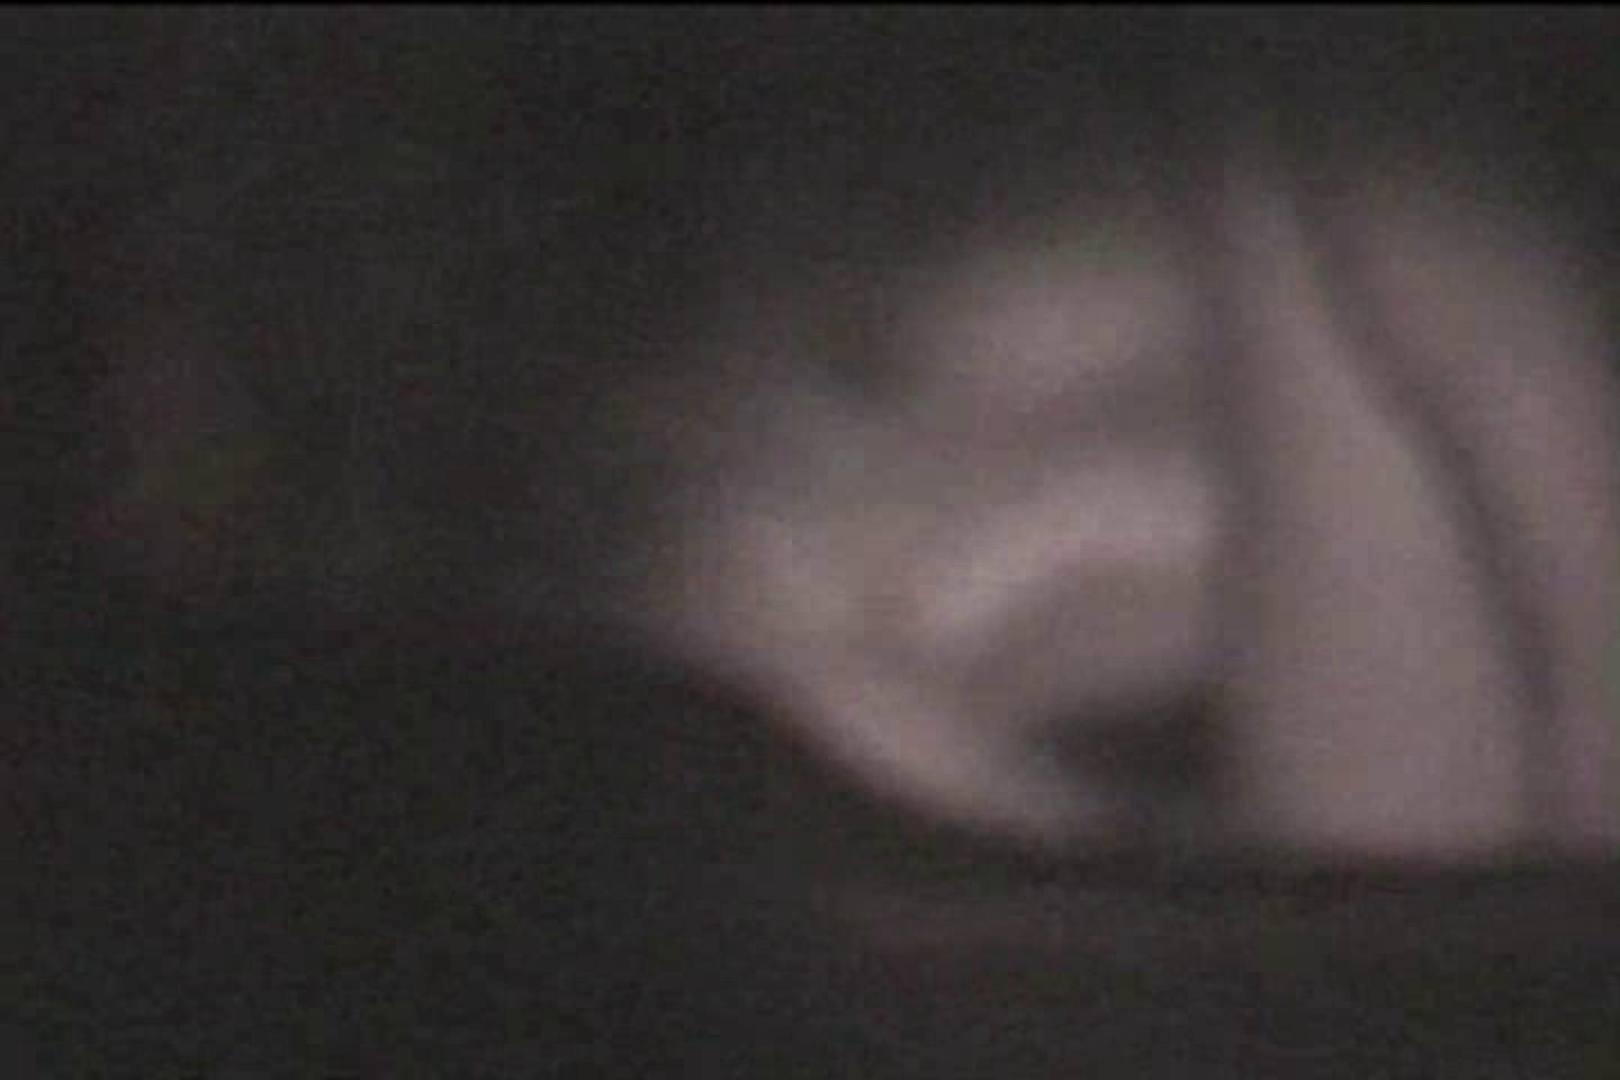 蔵出し!!赤外線カーセックスVol.27 カーセックス AV無料動画キャプチャ 78画像 5